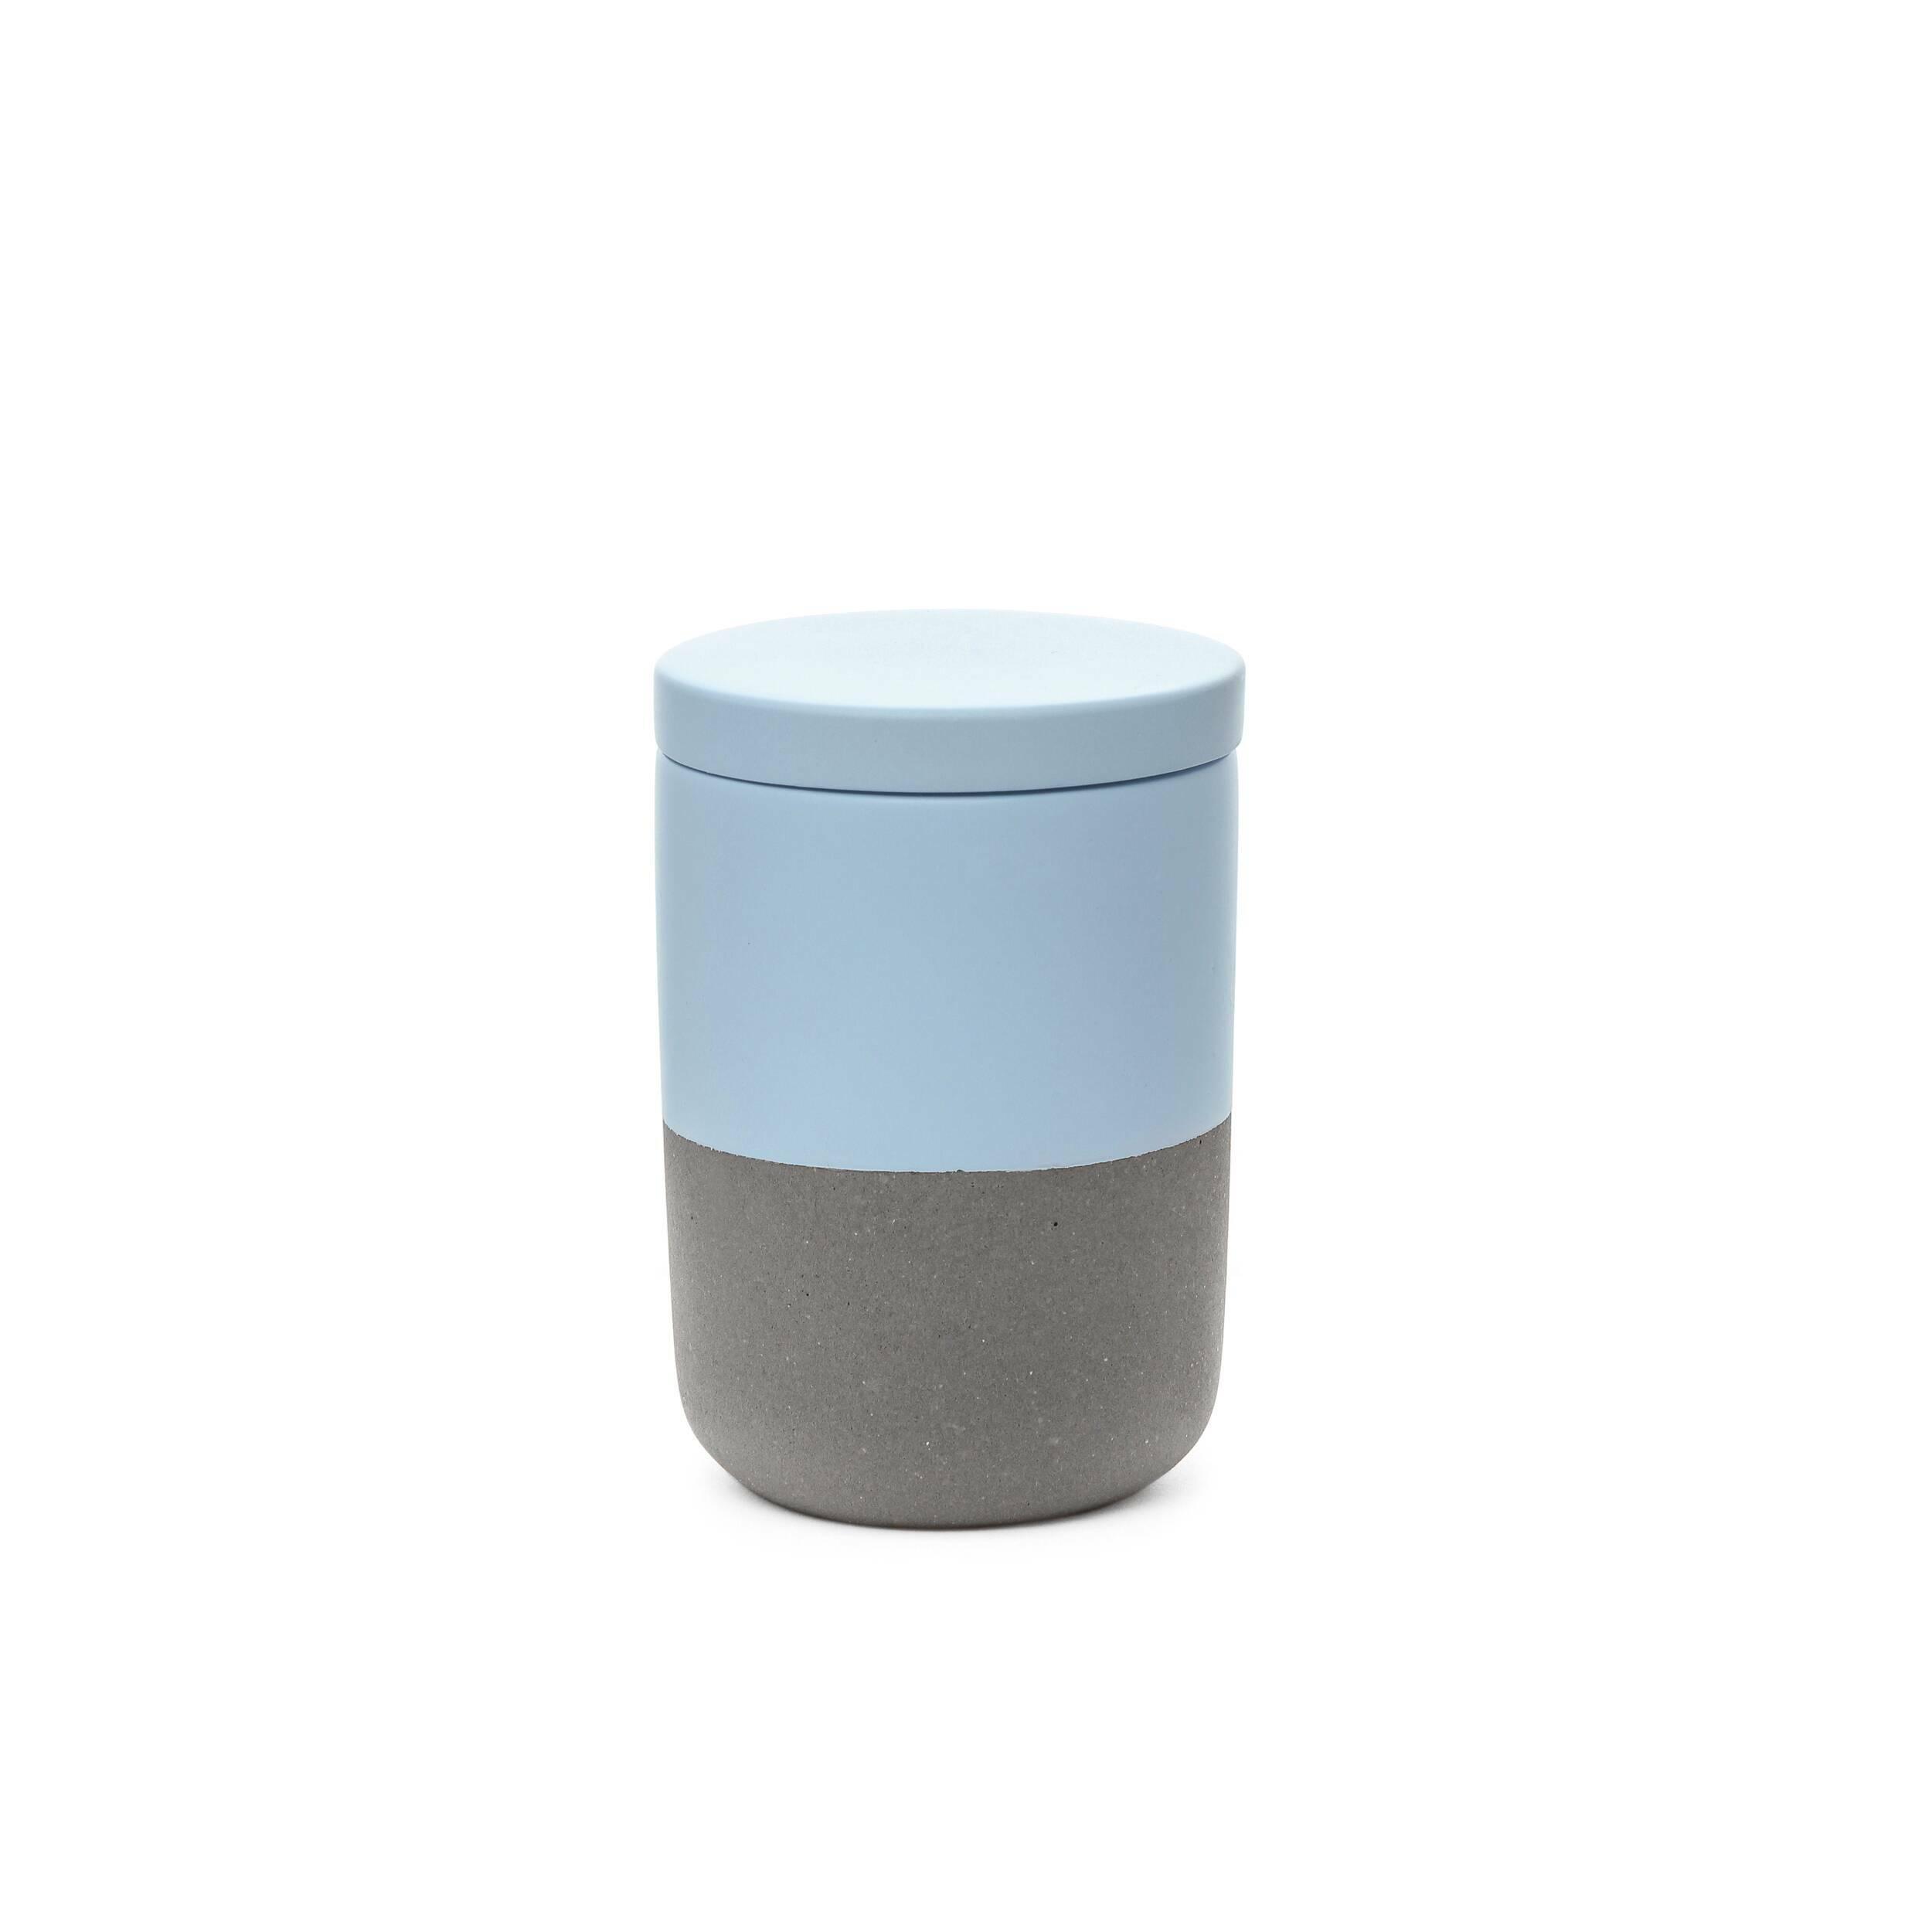 Банка FuzhouРазное<br>Очаровательный набор из предметов для домашнего быта представляет коллекция Fuzhou – оригинальное решение в минималистичном исполнении для любого интерьера. Коллекция обладает интересным дизайном, который сочетает в себе мягкие, чистые цвета и грубоватый светло-серый оттенок. Такой дизайн идеально подойдет для современных помещений, где присутствуют элементы стиля лофт или брутализм, смешанные с компактными и лаконичными формами и цветовыми палитрами.<br><br><br> Коллекция Fuzhou сделана из бето...<br><br>stock: 88<br>Высота: 10,5<br>Материал: Бетон<br>Цвет: Светло-серый<br>Диаметр: 7,5<br>Цвет дополнительный: Голубой